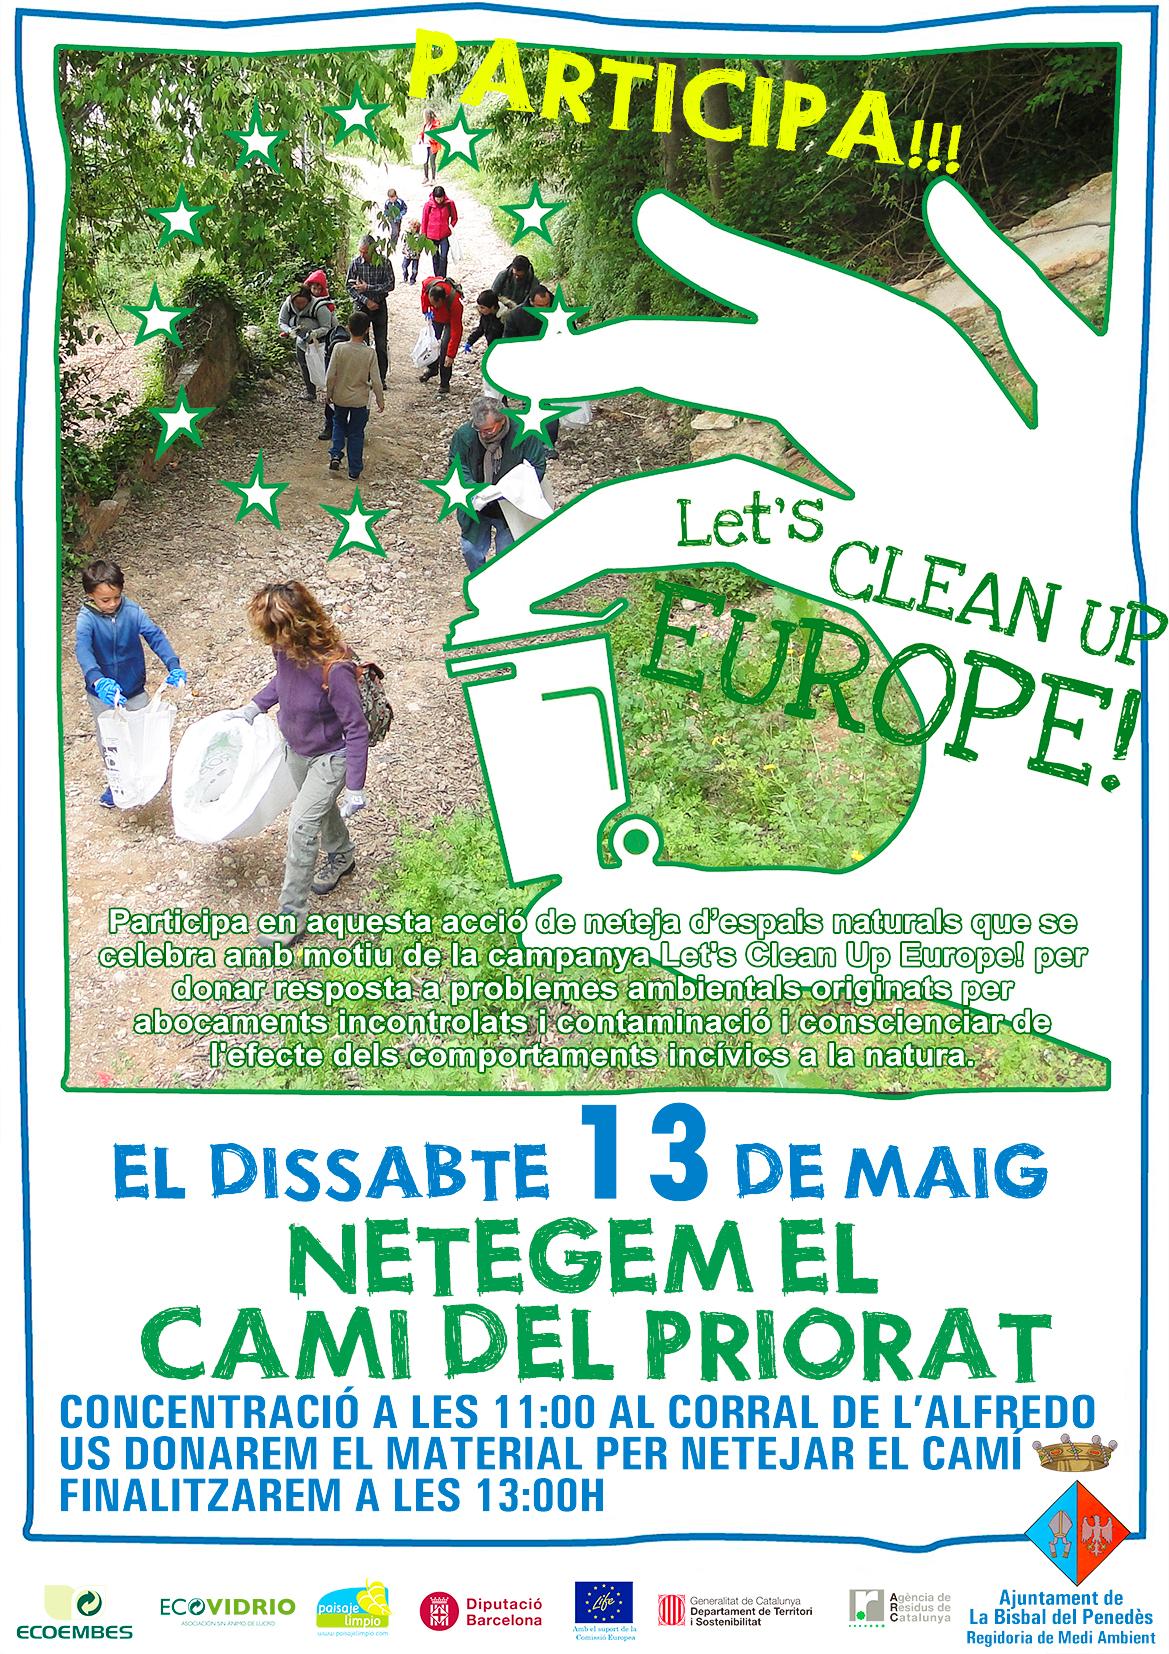 Aquest dissabte 13 de maig arriba el 'Let's clean up Europe' a La Bisbal